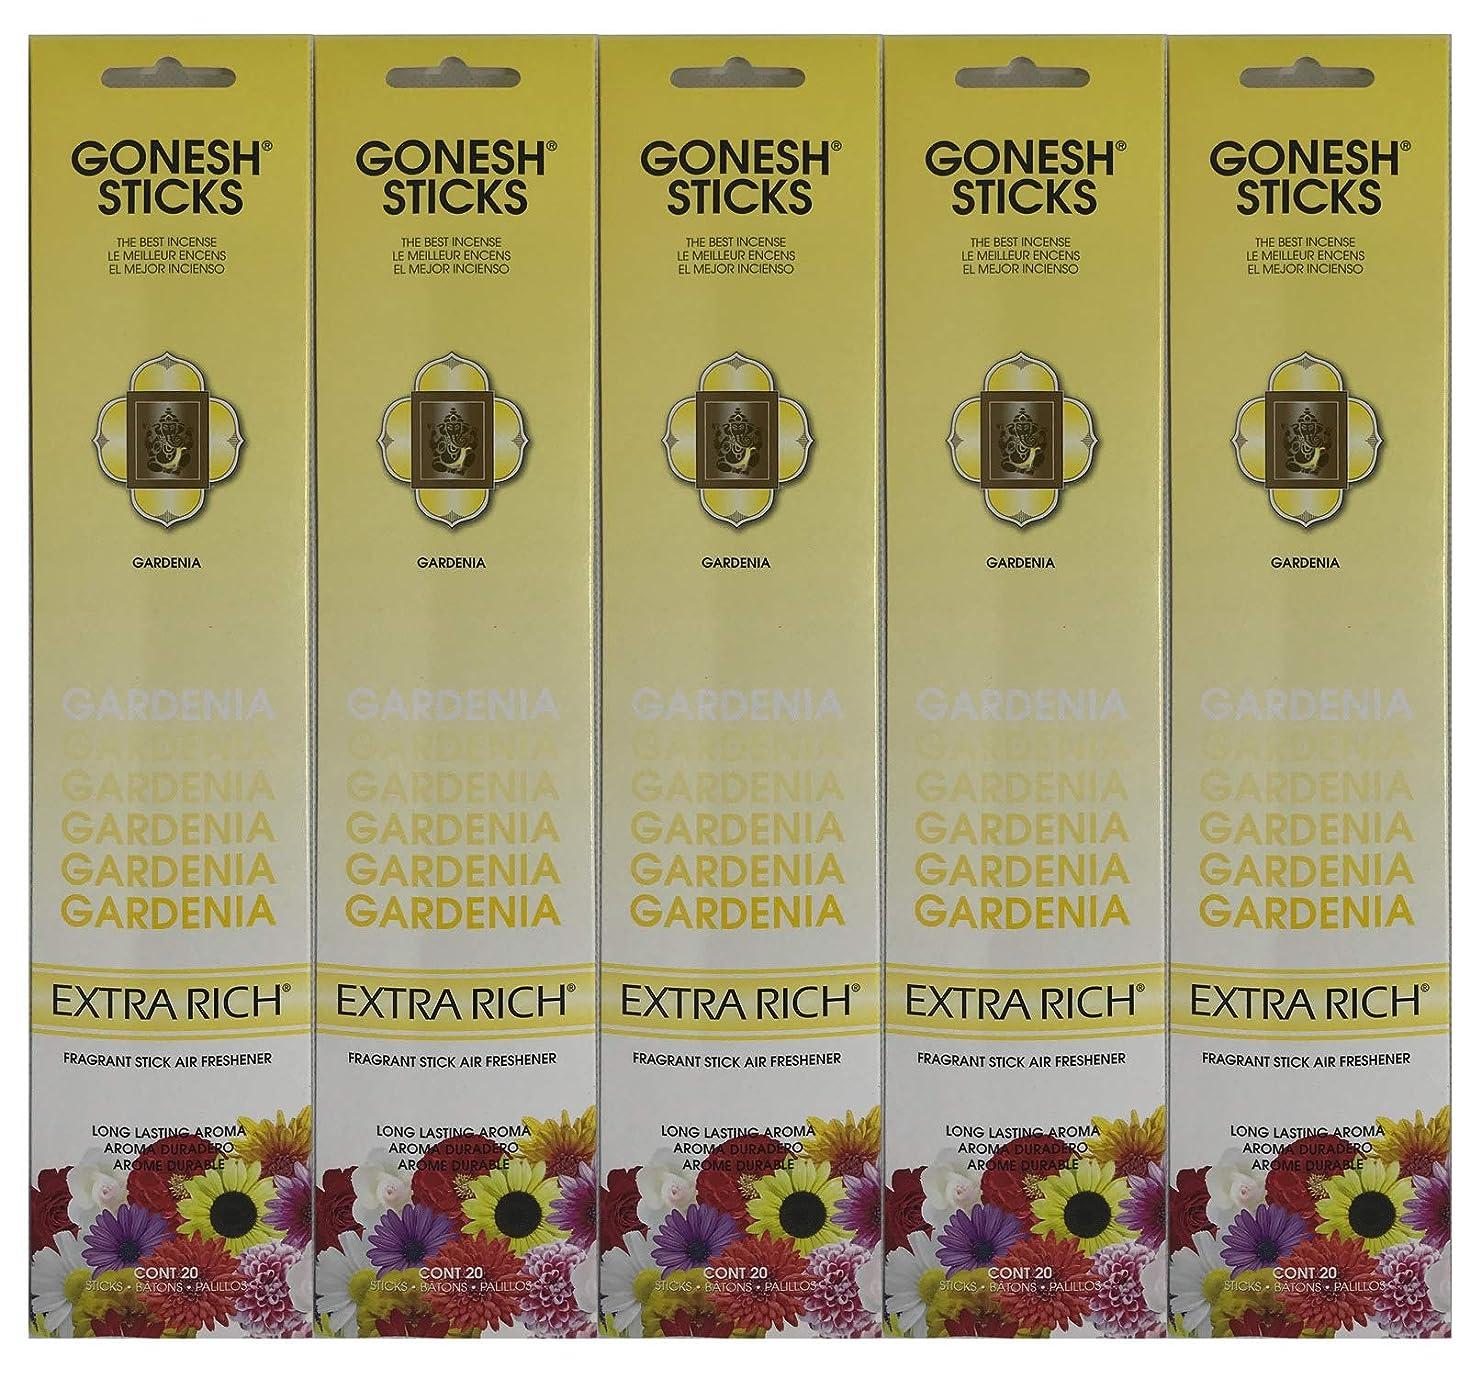 広範囲アラートテクスチャーGonesh お香スティック エクストラリッチコレクション - Gardenia 5パック (合計100本)